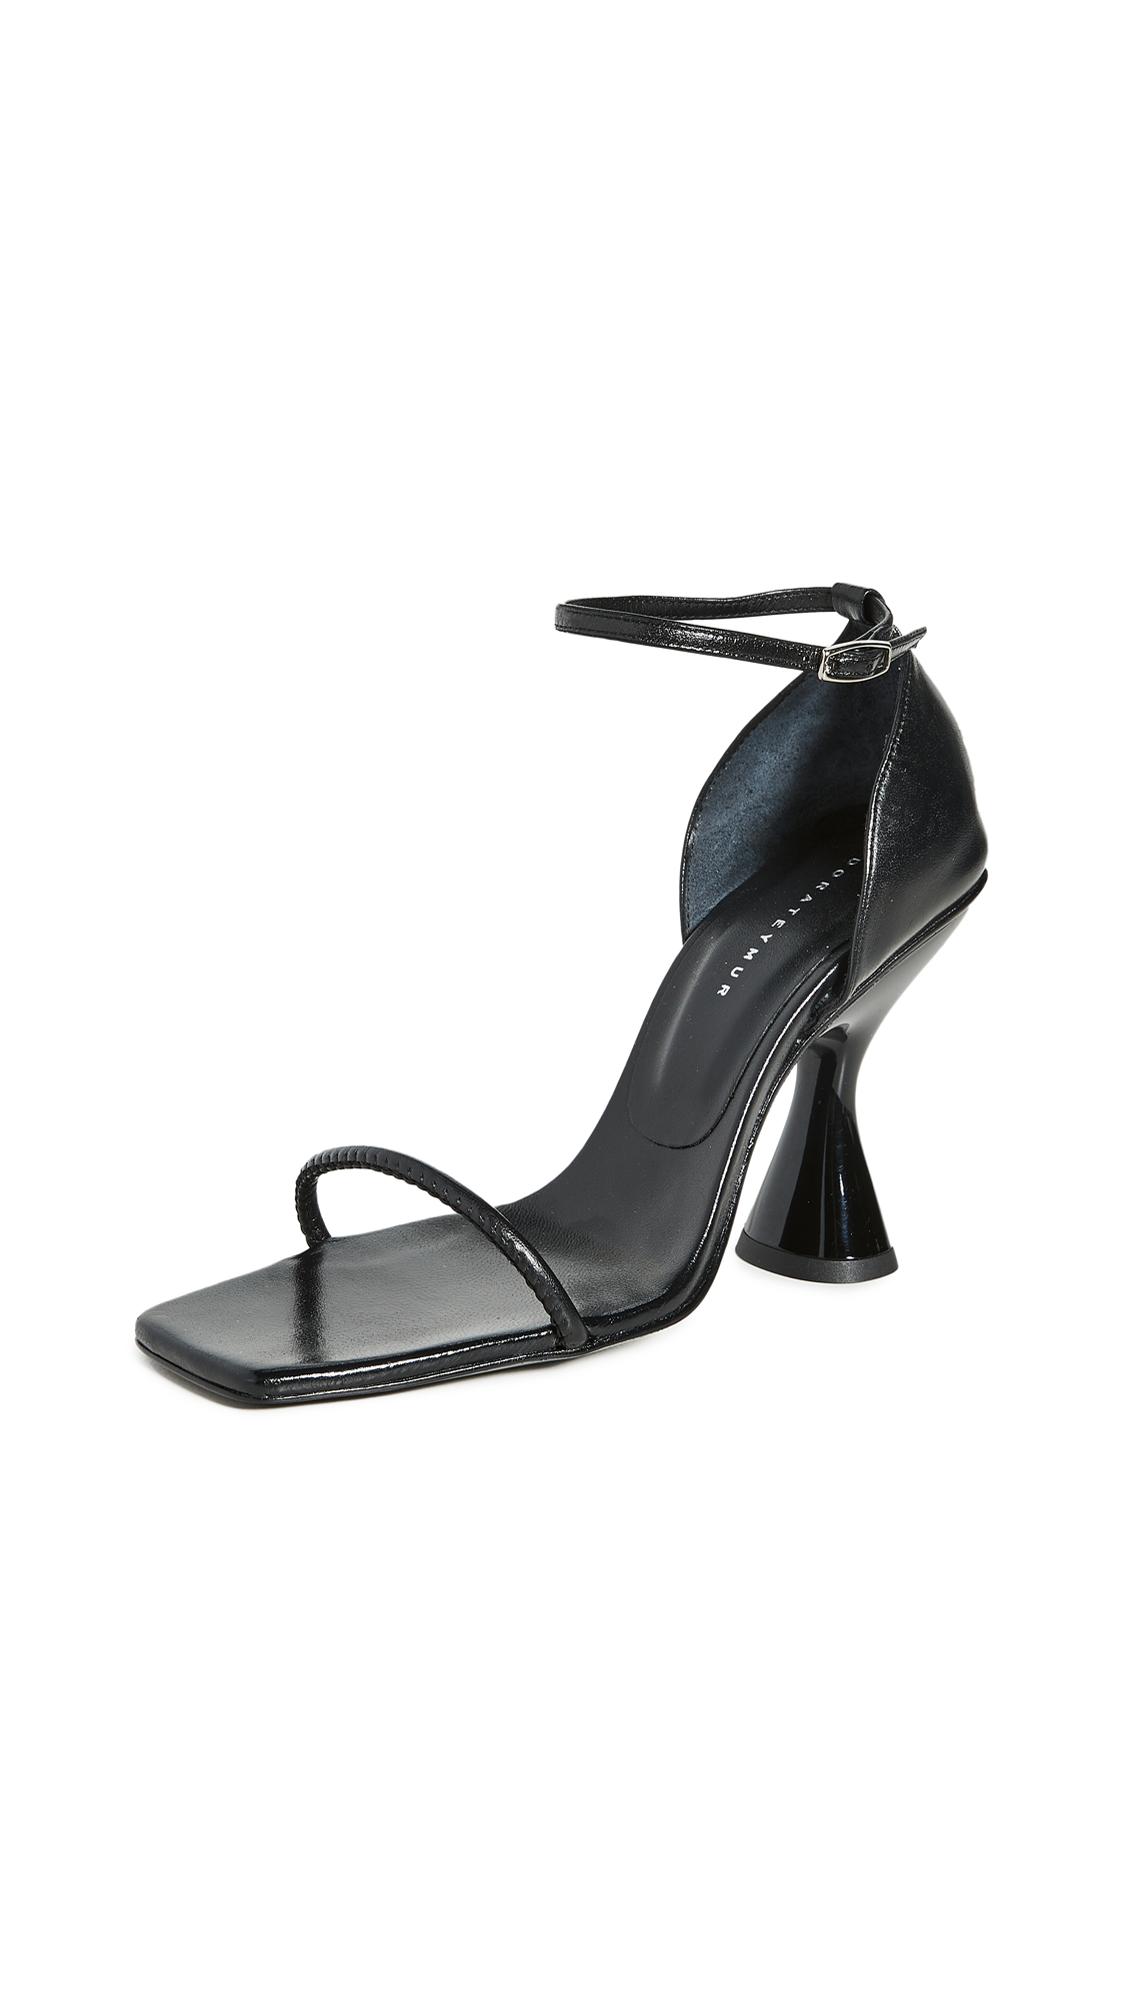 Buy Dorateymur Stainless Ankle Strap Sandals online, shop Dorateymur